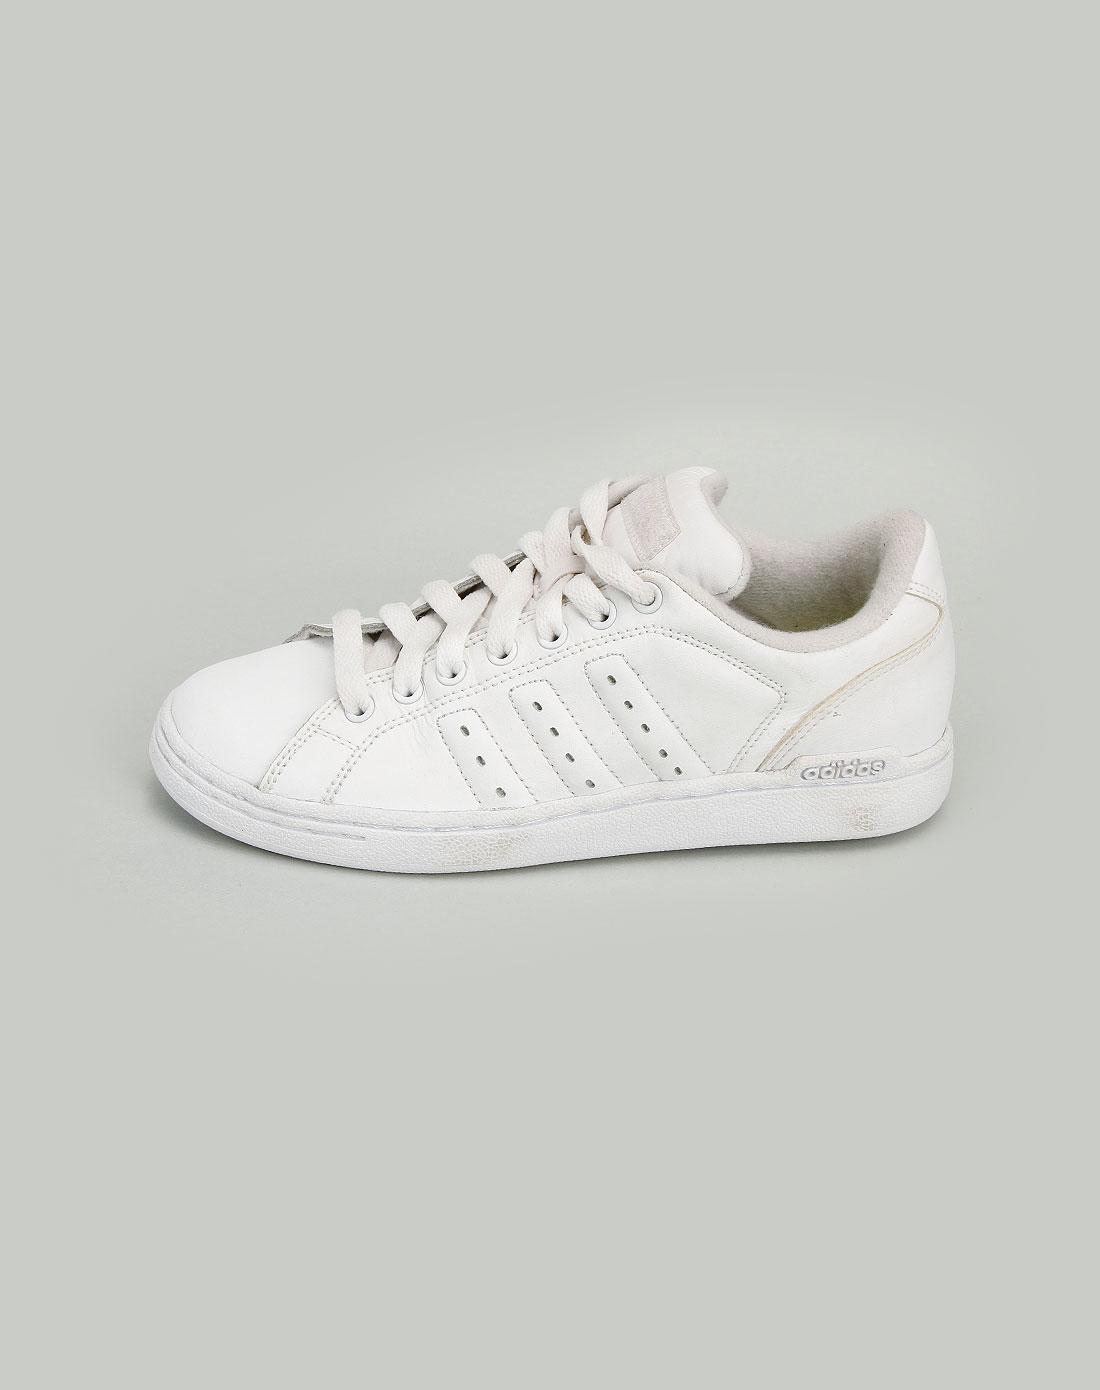 阿迪达斯adidas-女款白色板鞋